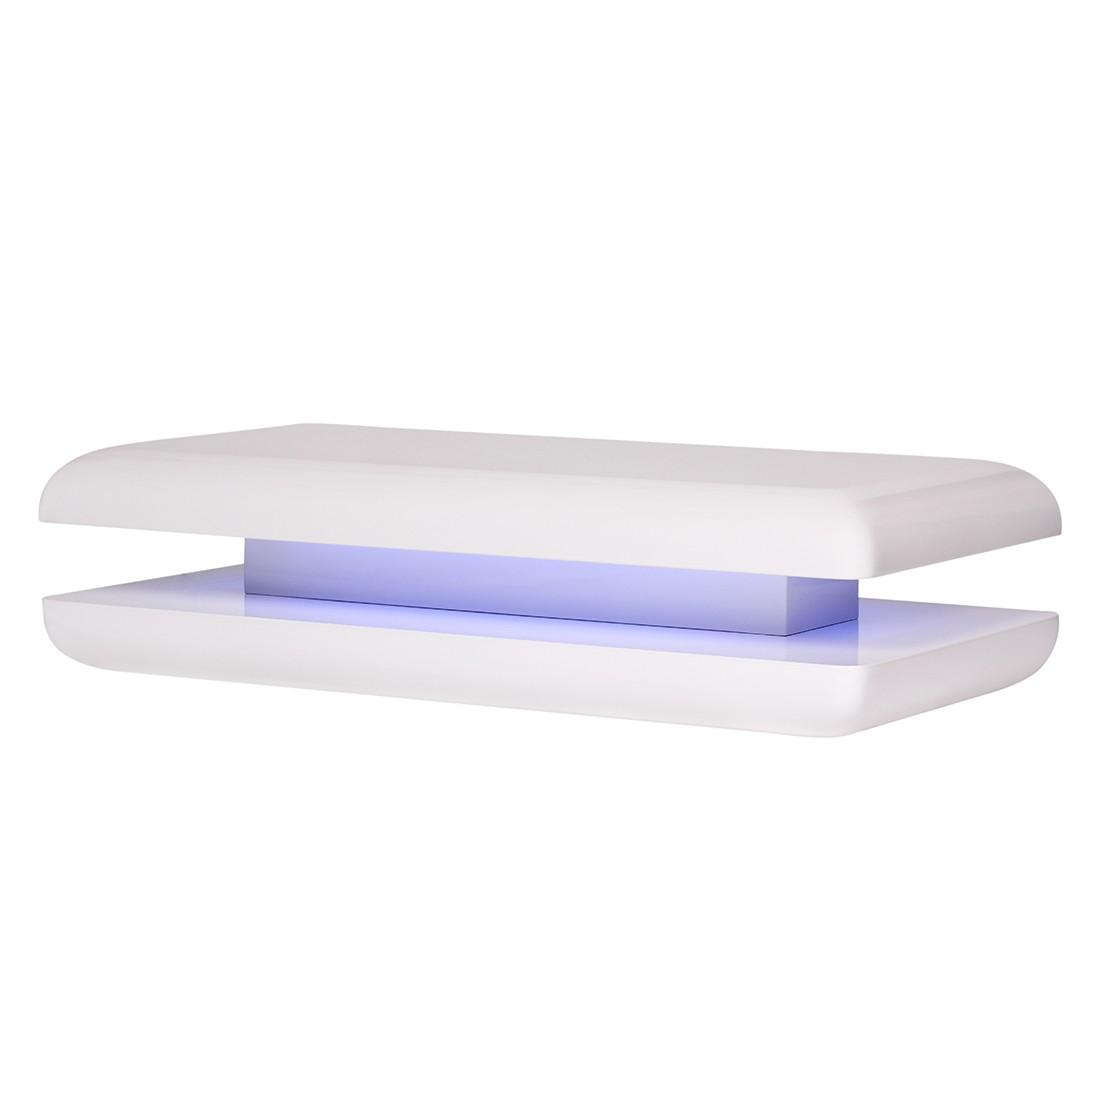 EEK A+, Couchtisch Square – Weiß Hochglanz, 120 cm, mit LED blau, Wohnling jetzt bestellen